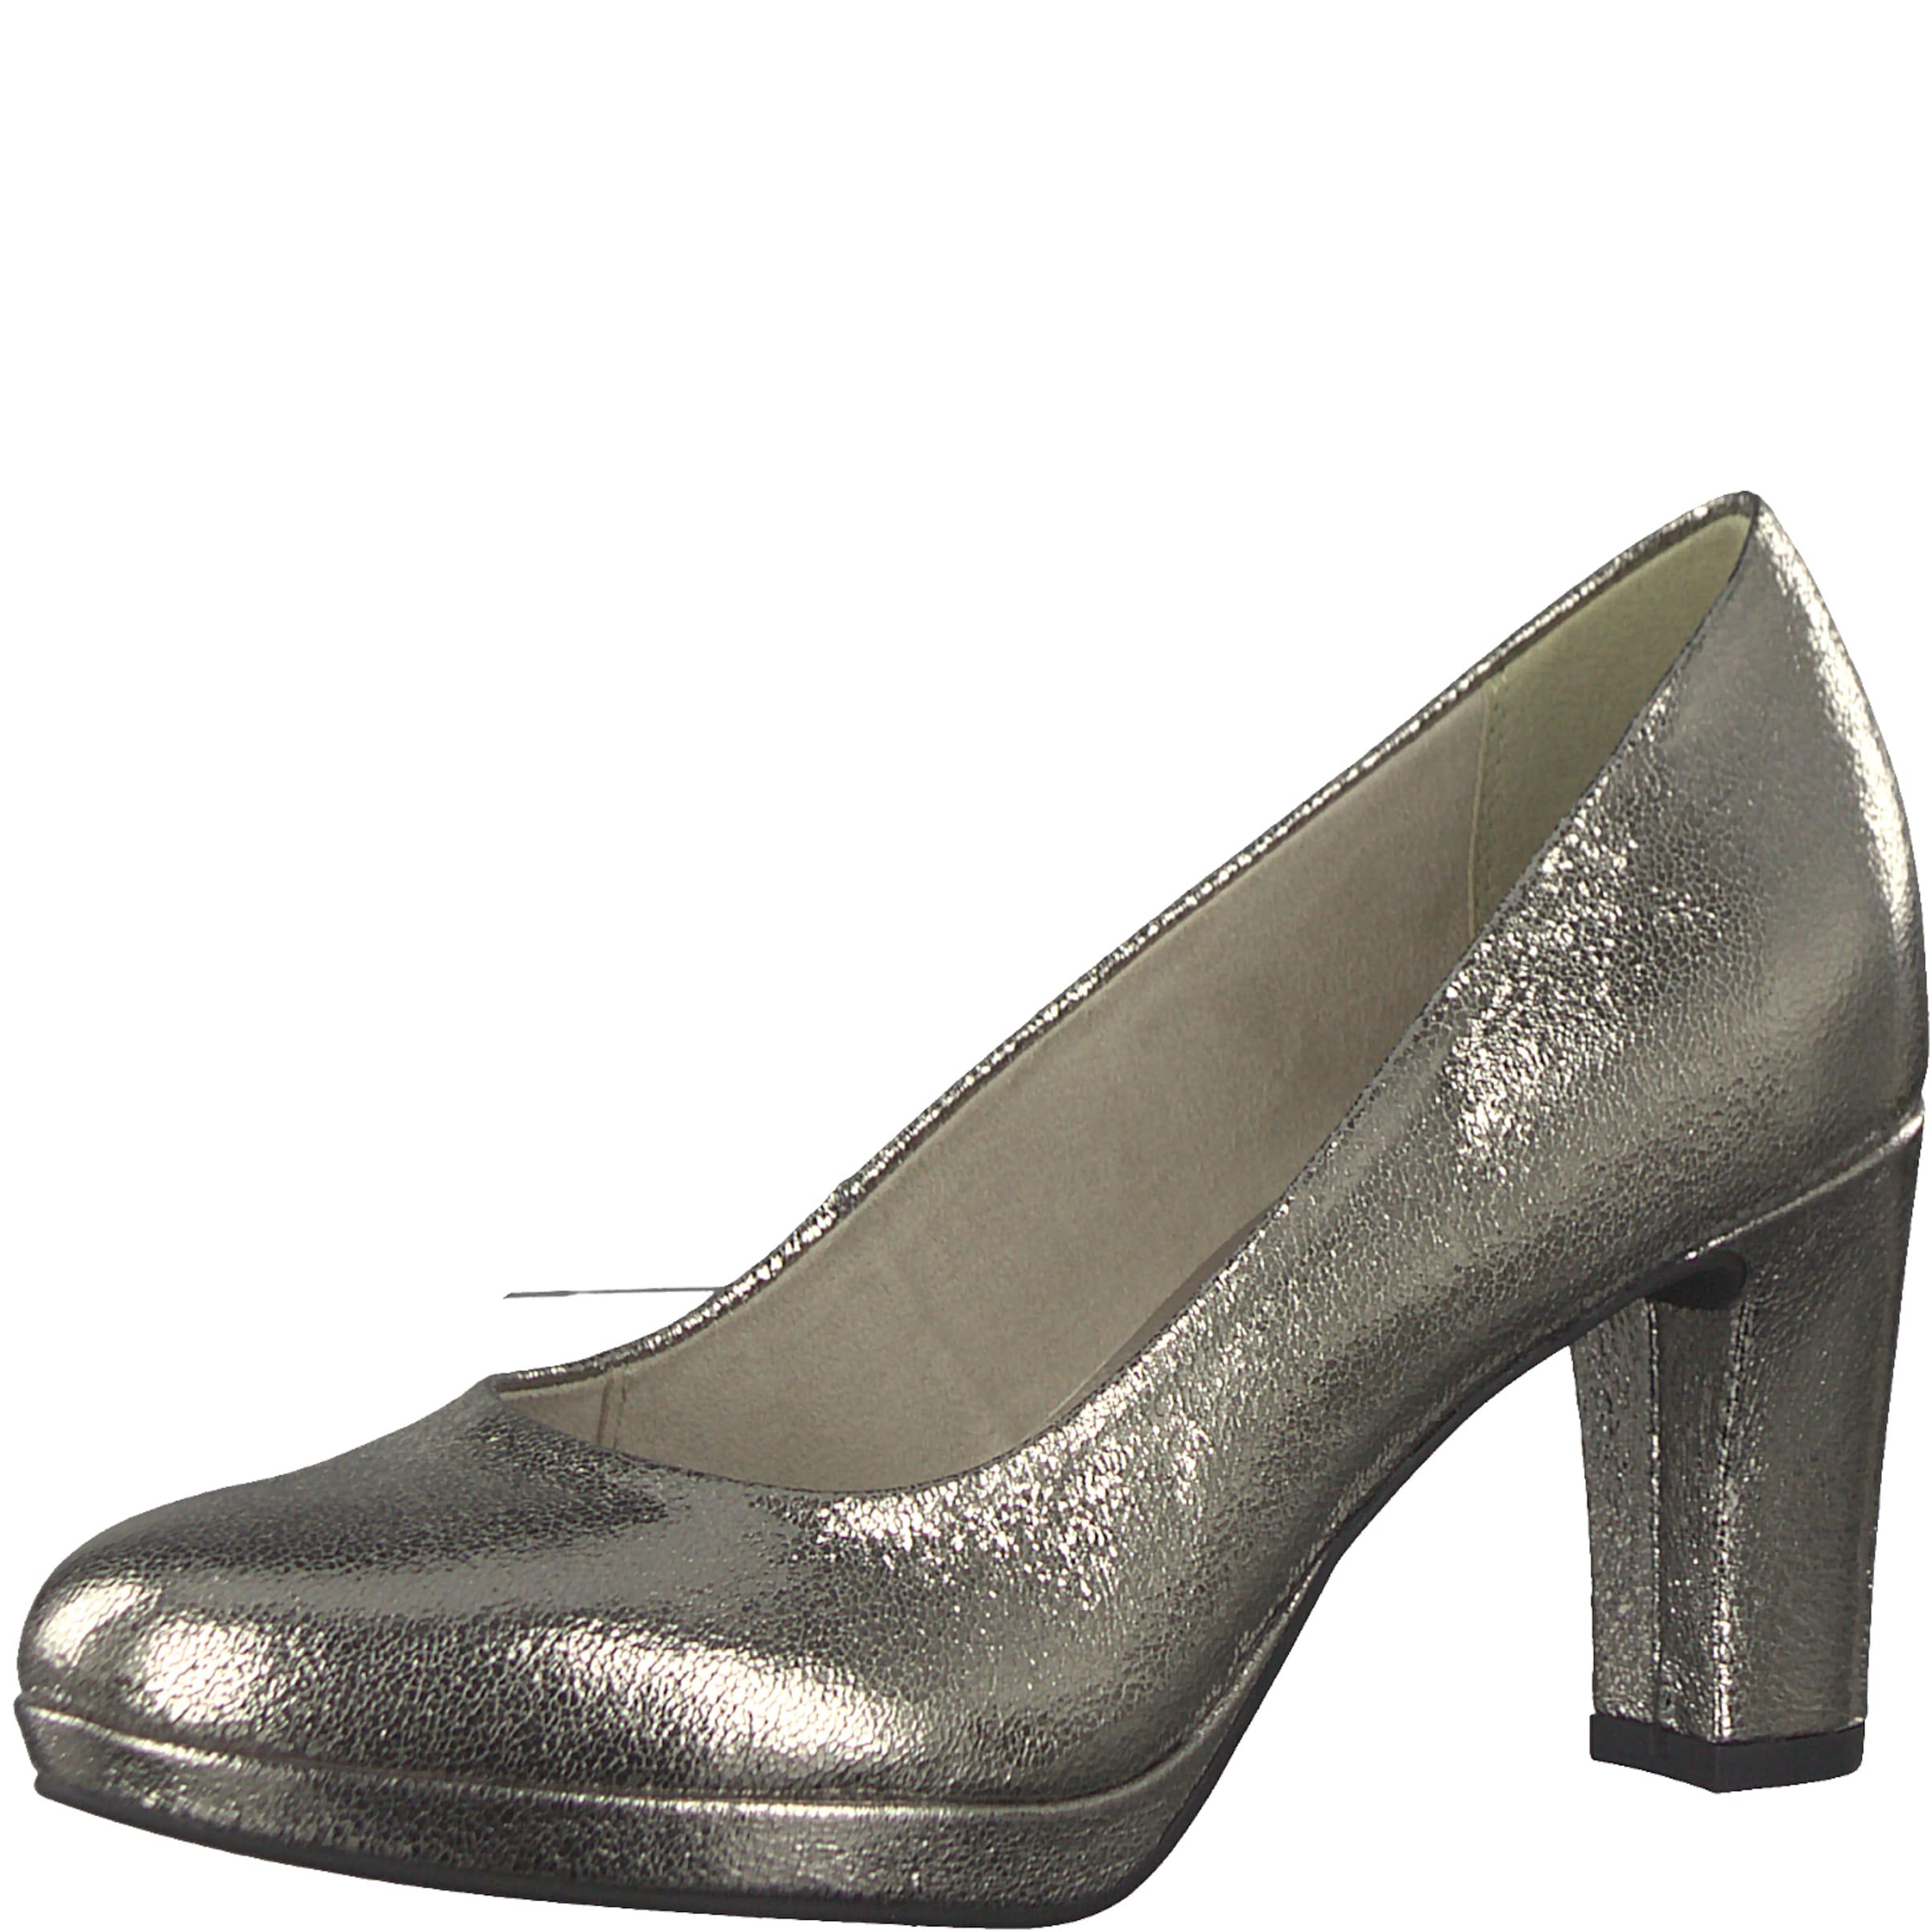 TAMARIS Pumps mit Plateau Günstige und langlebige Schuhe